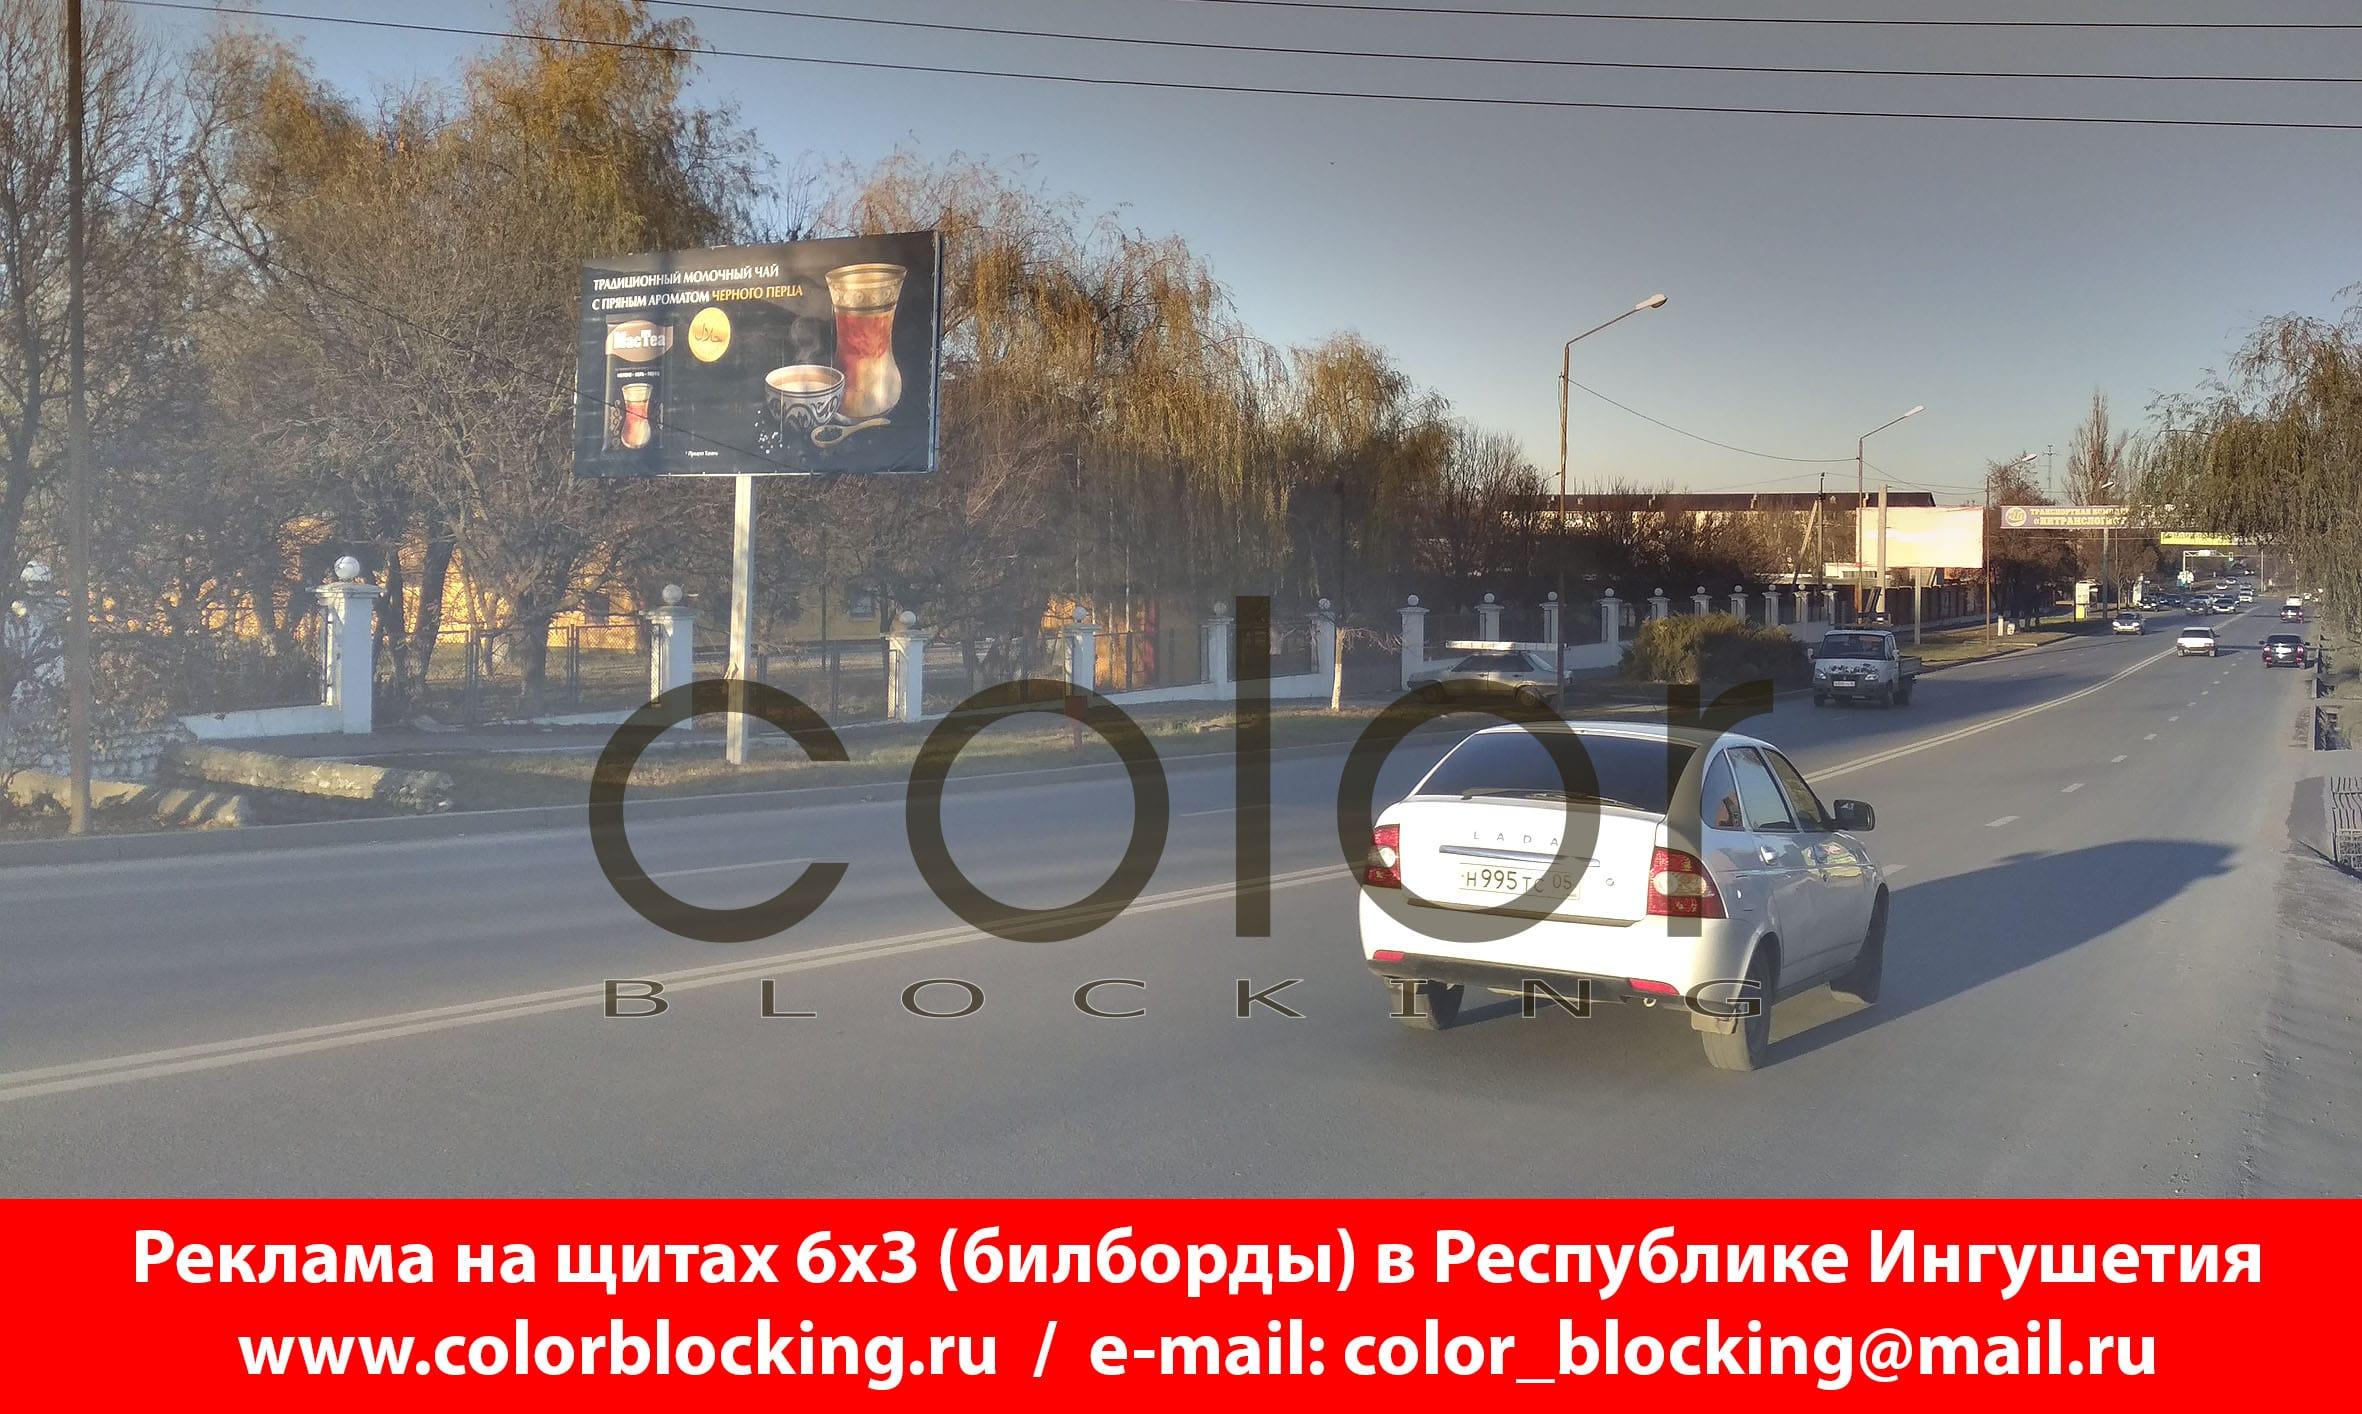 Реклама в Ингушетии на щитах 6х3 экраны